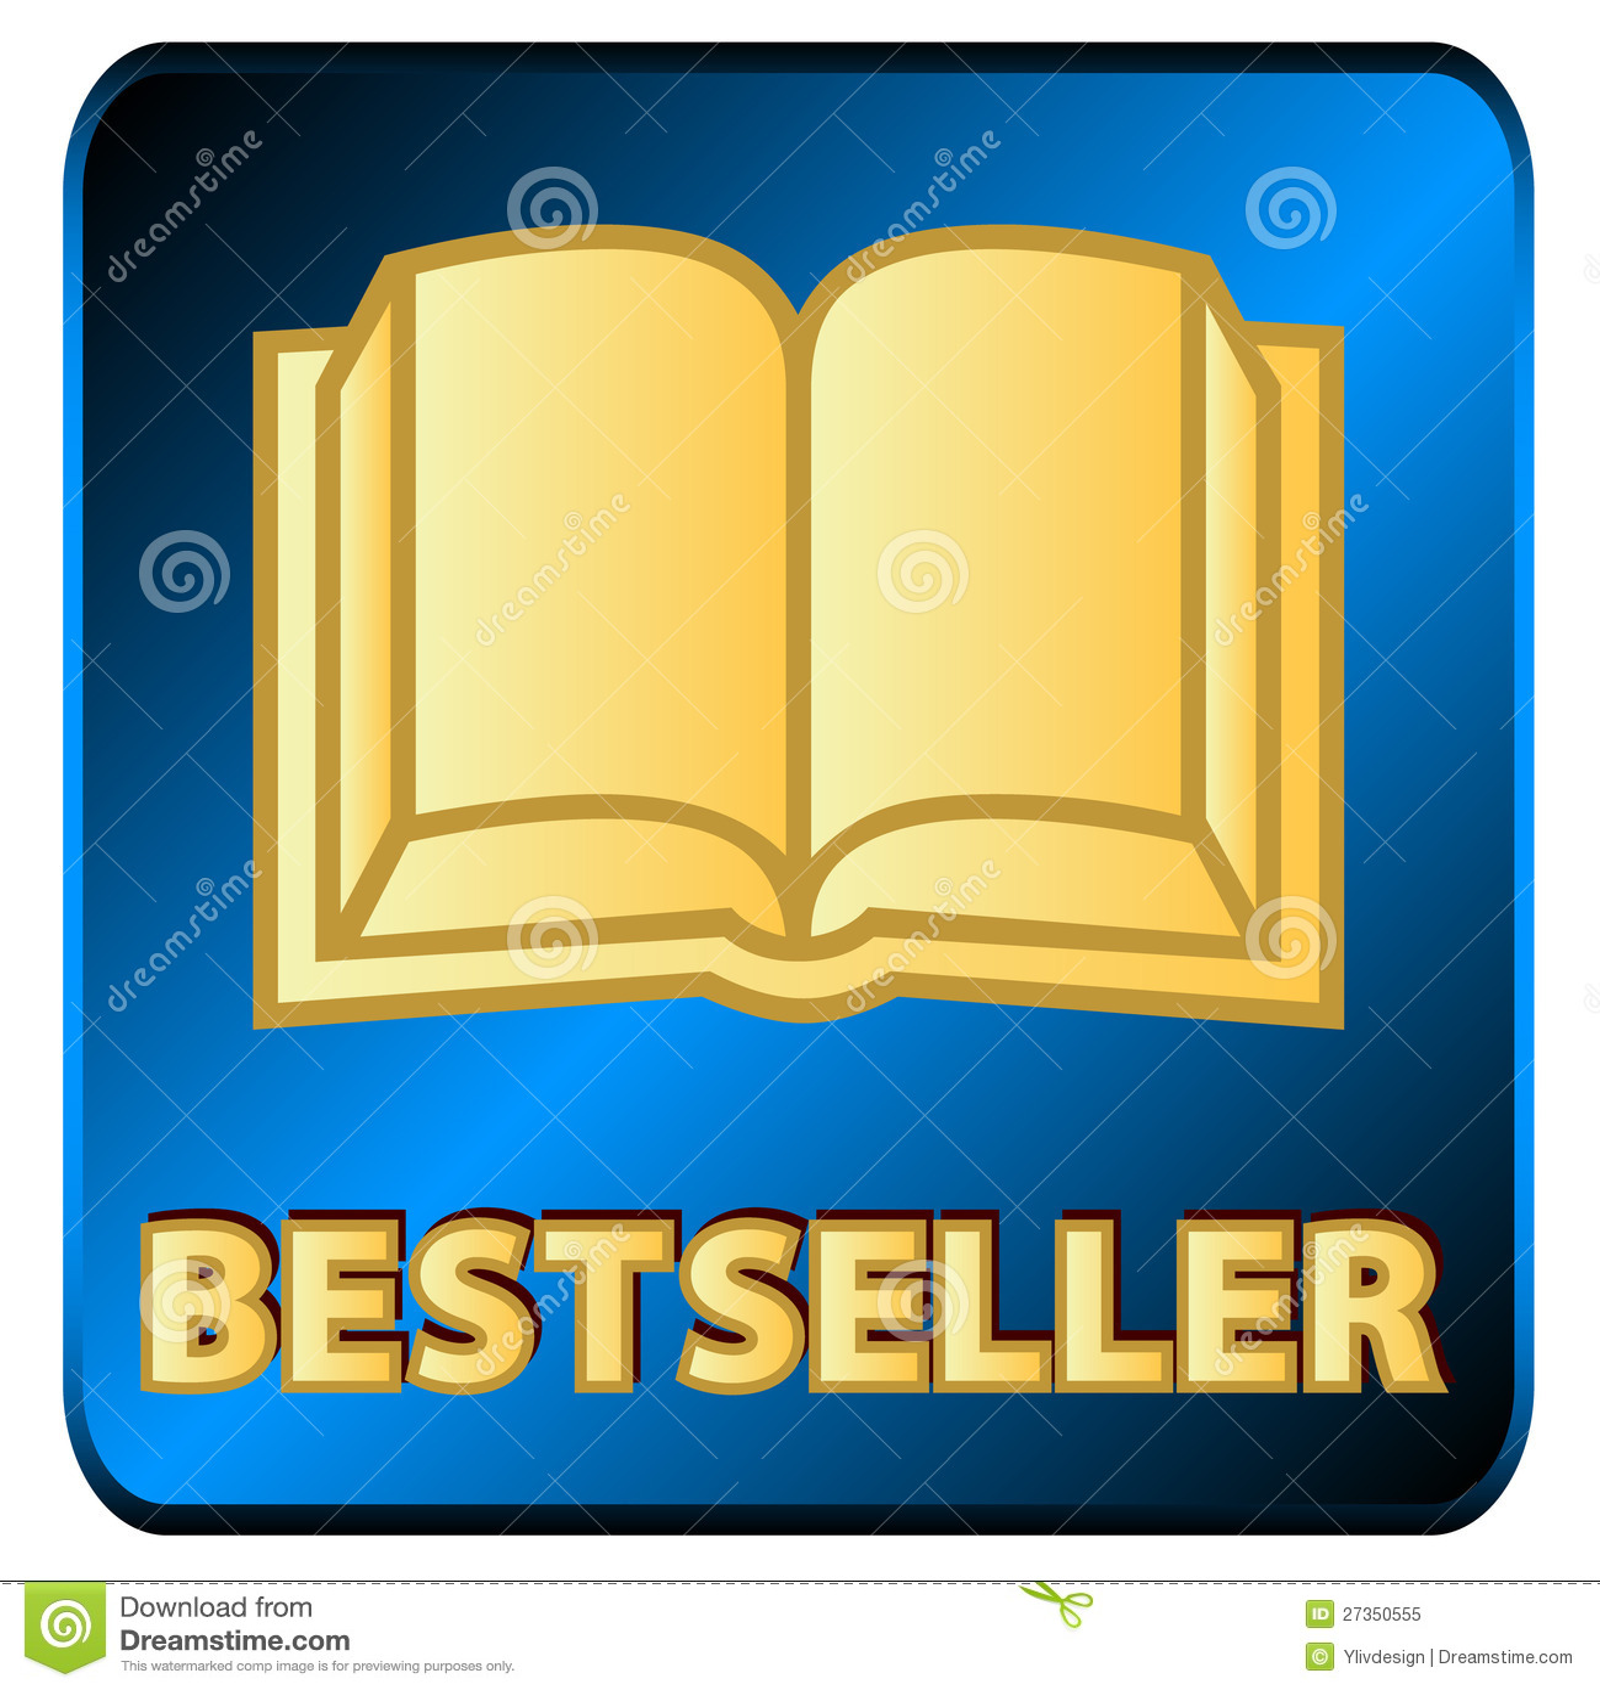 Bestseller book report